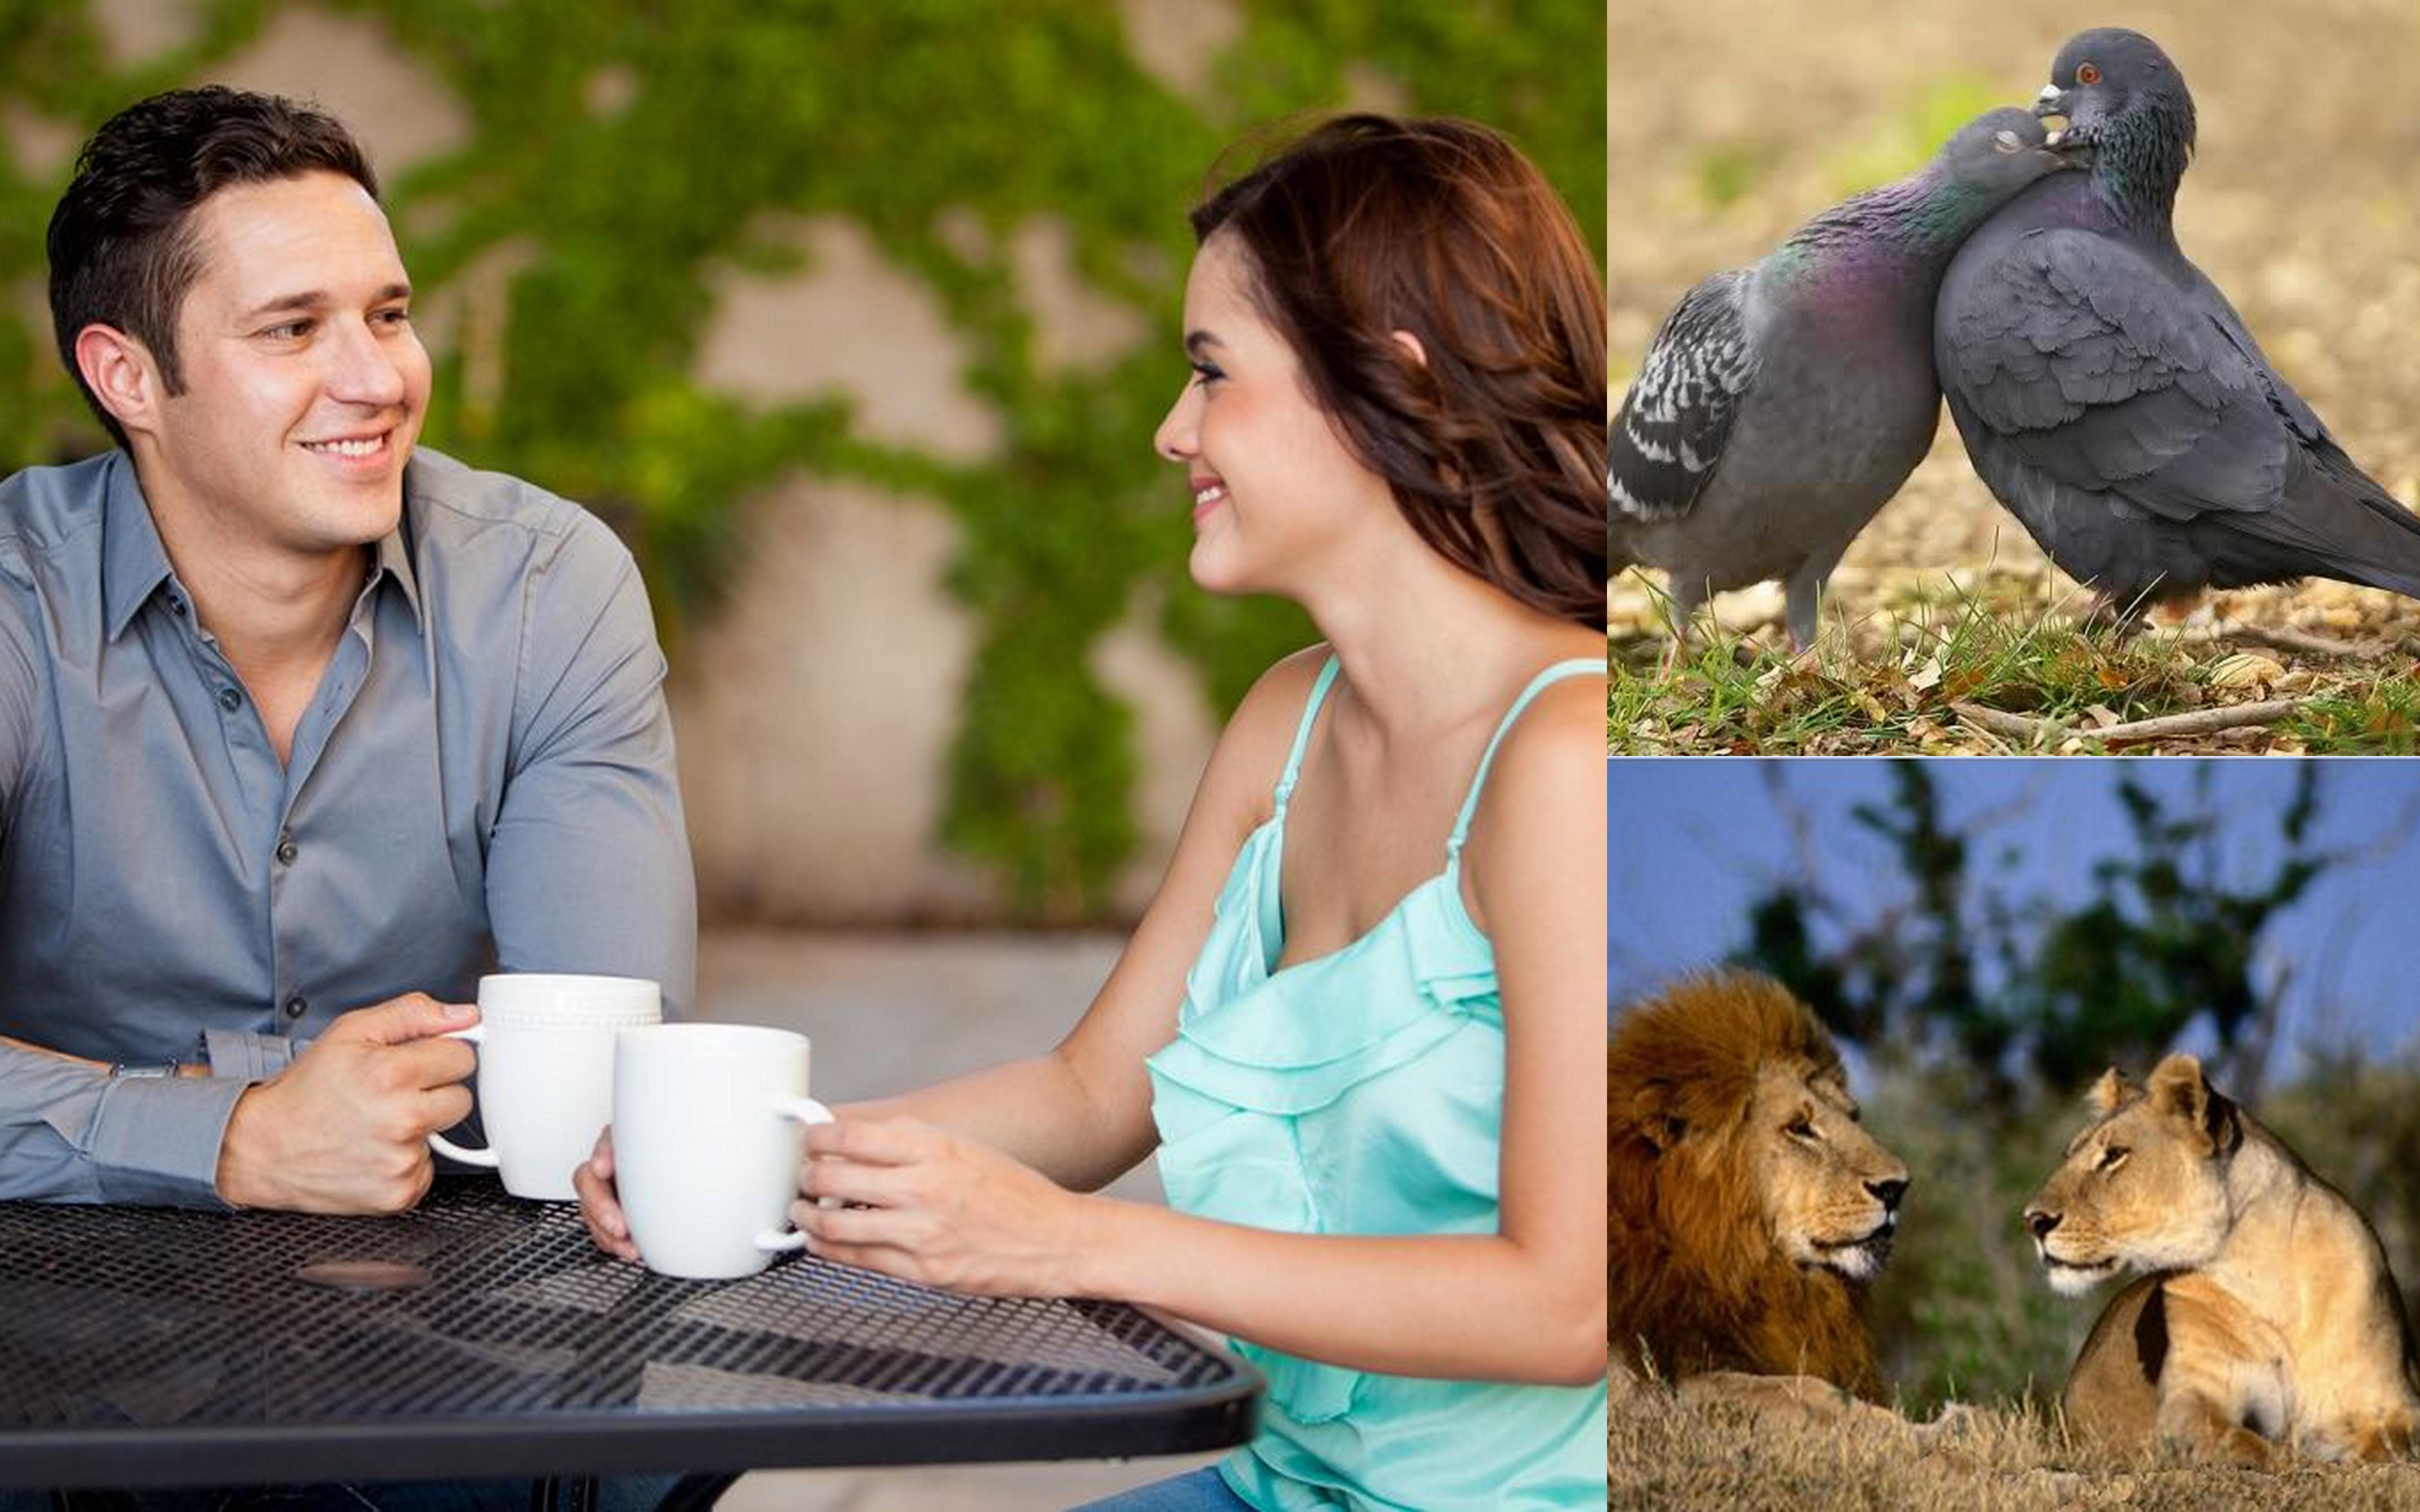 párok randevúk mutatják kérdéseket randevúk időpontjai